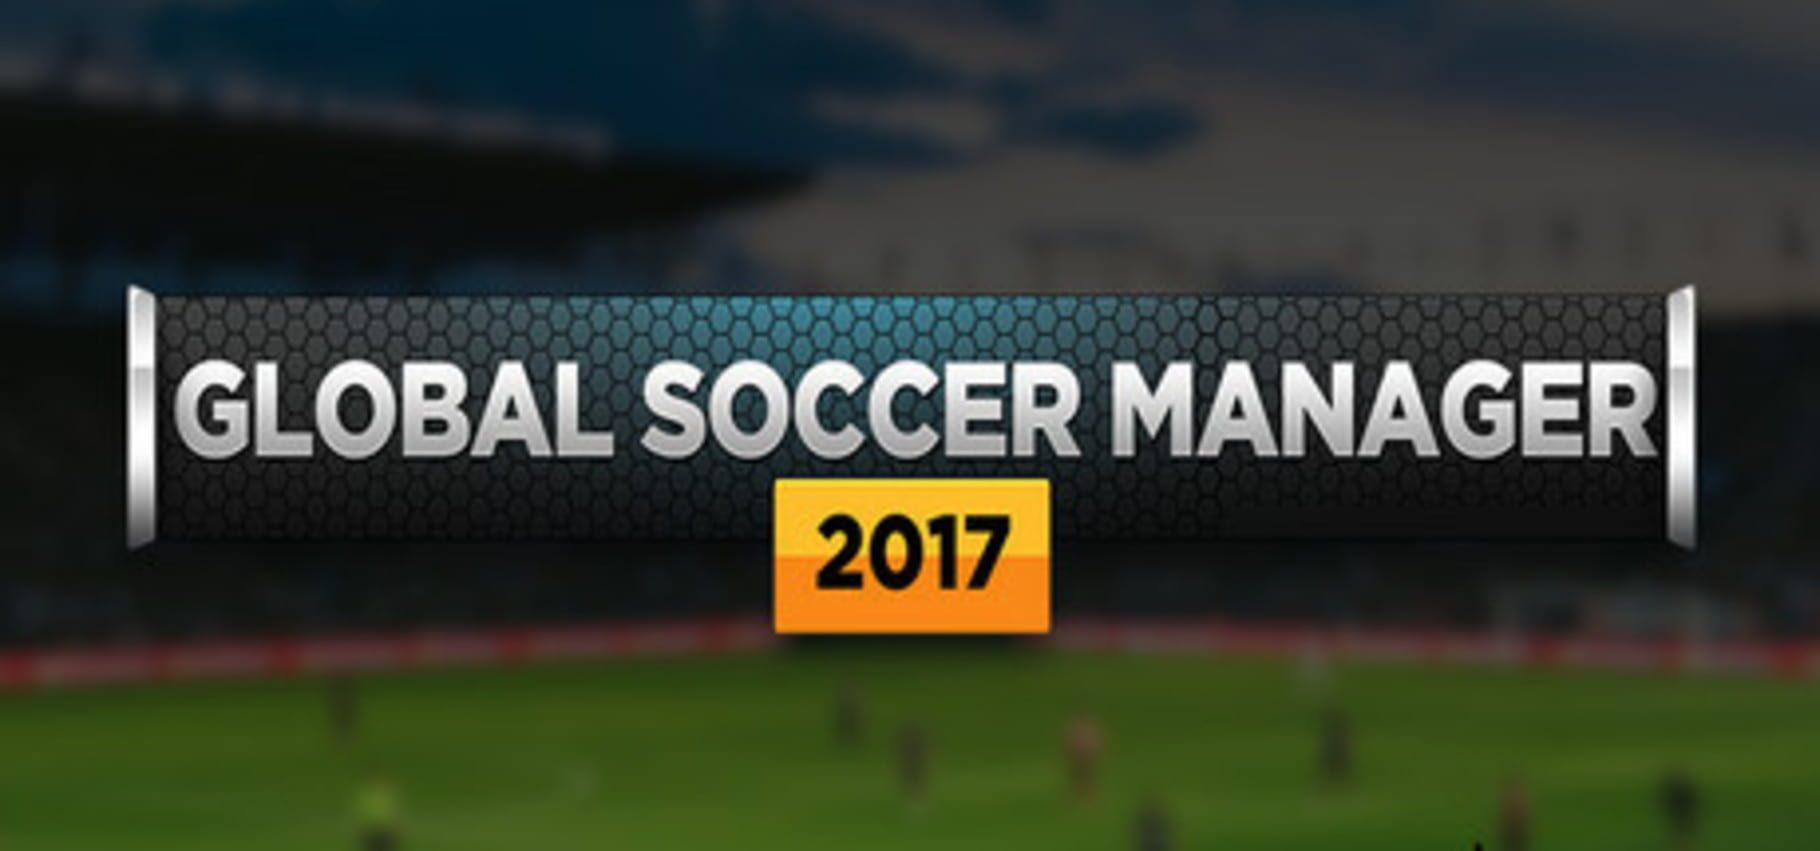 buy Global Soccer Manager 2017 cd key for all platform